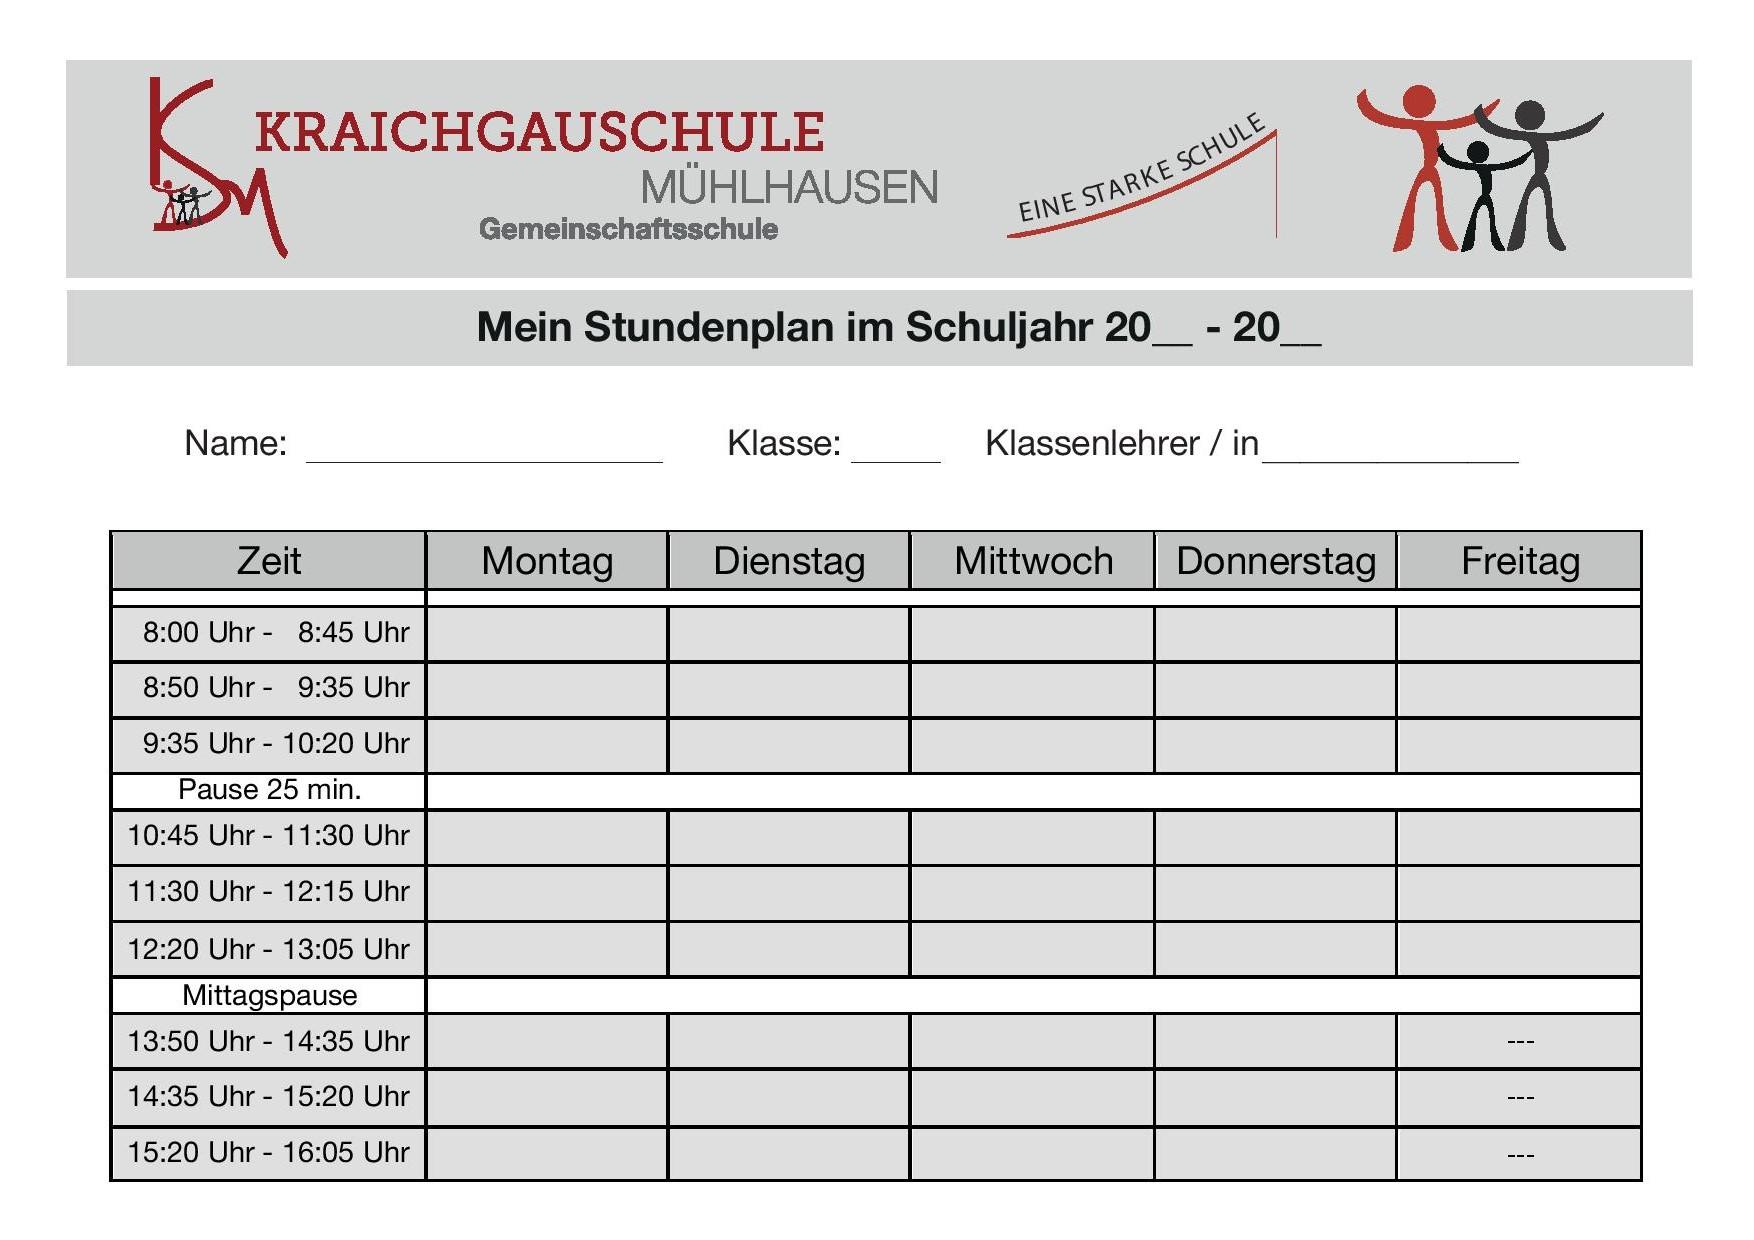 Stundenplan - Kraichgauschule Mühlhausen